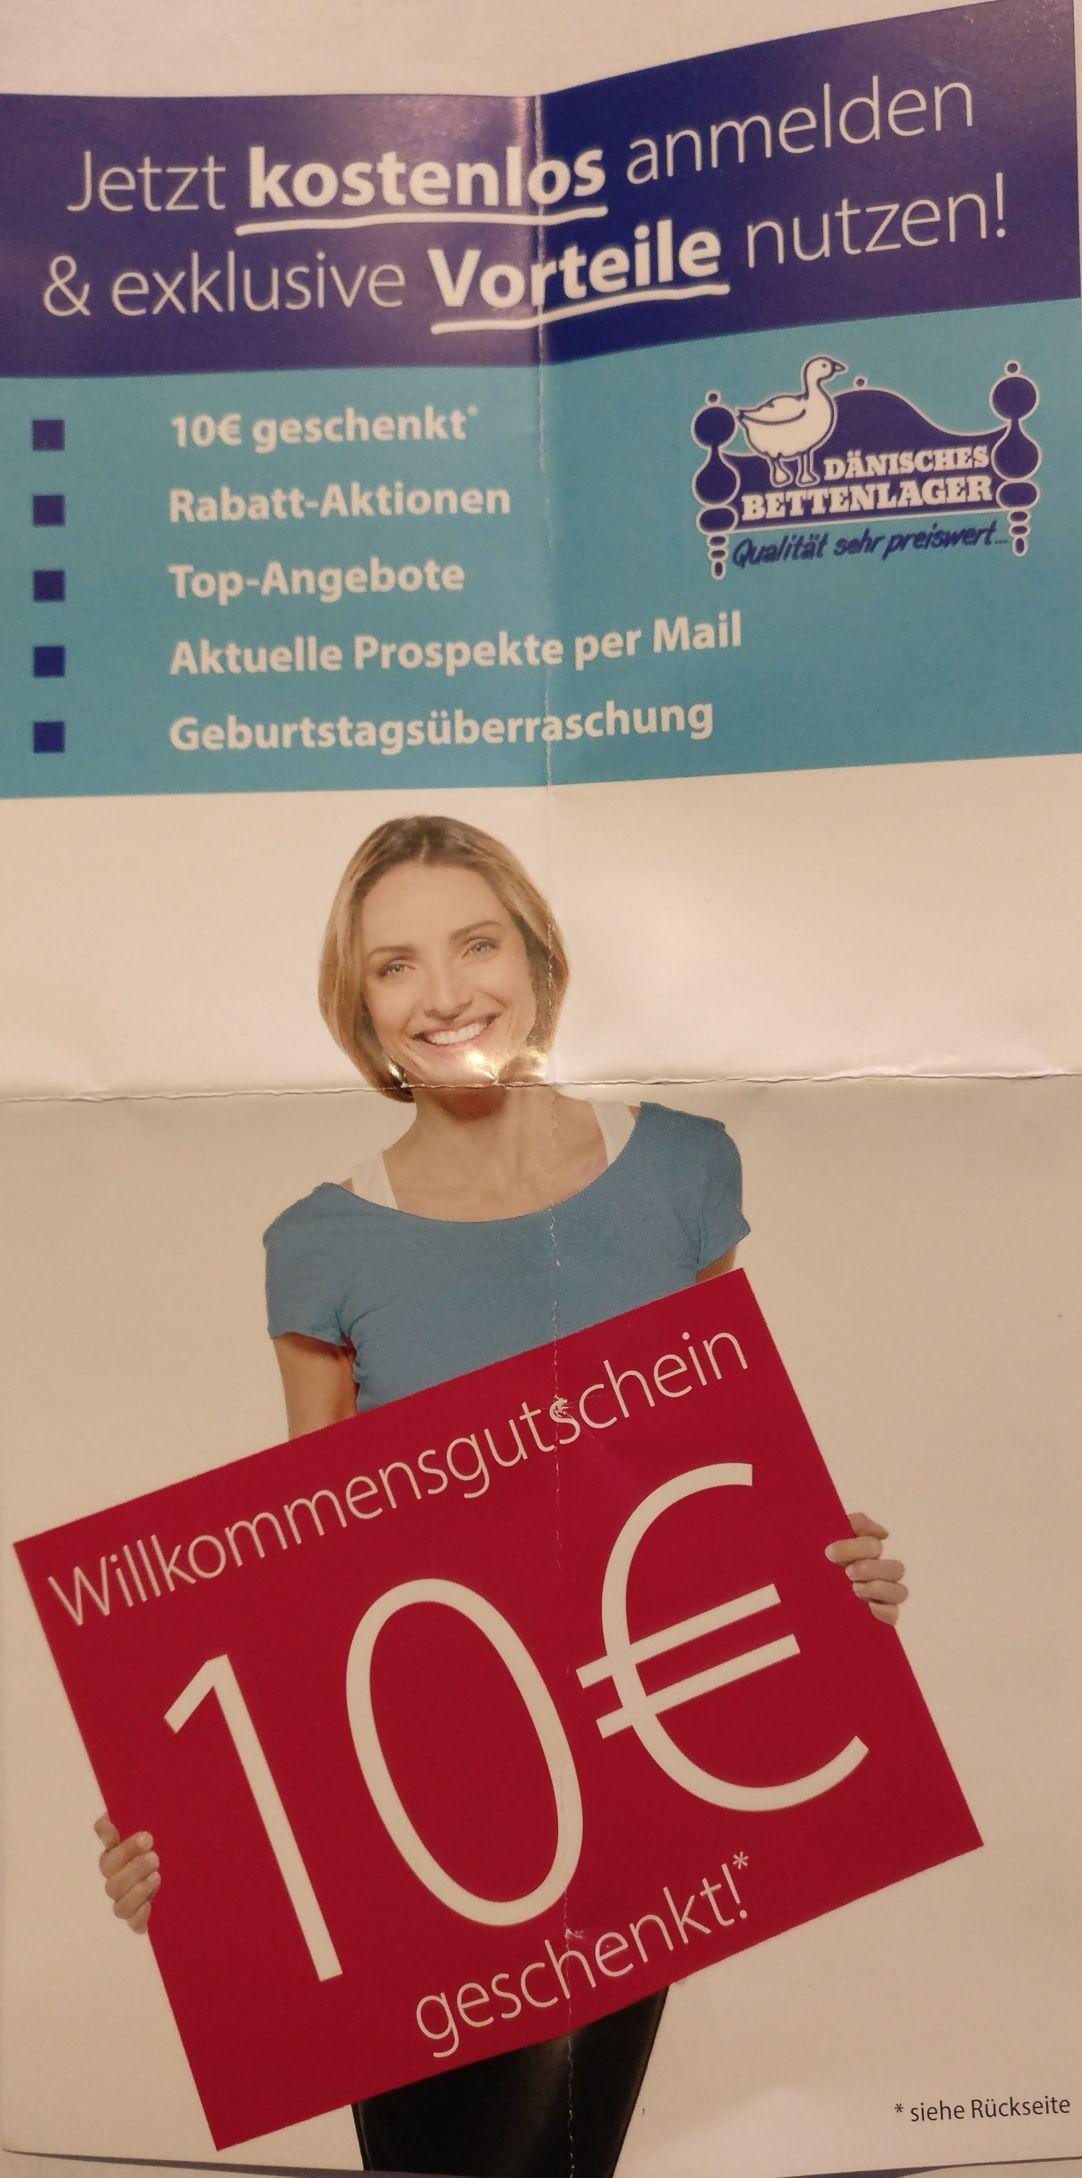 Dänisches Bettenlager Newsletter Anmeldung 10 Euro Gutschein 75 Euro Mindestbestellwert